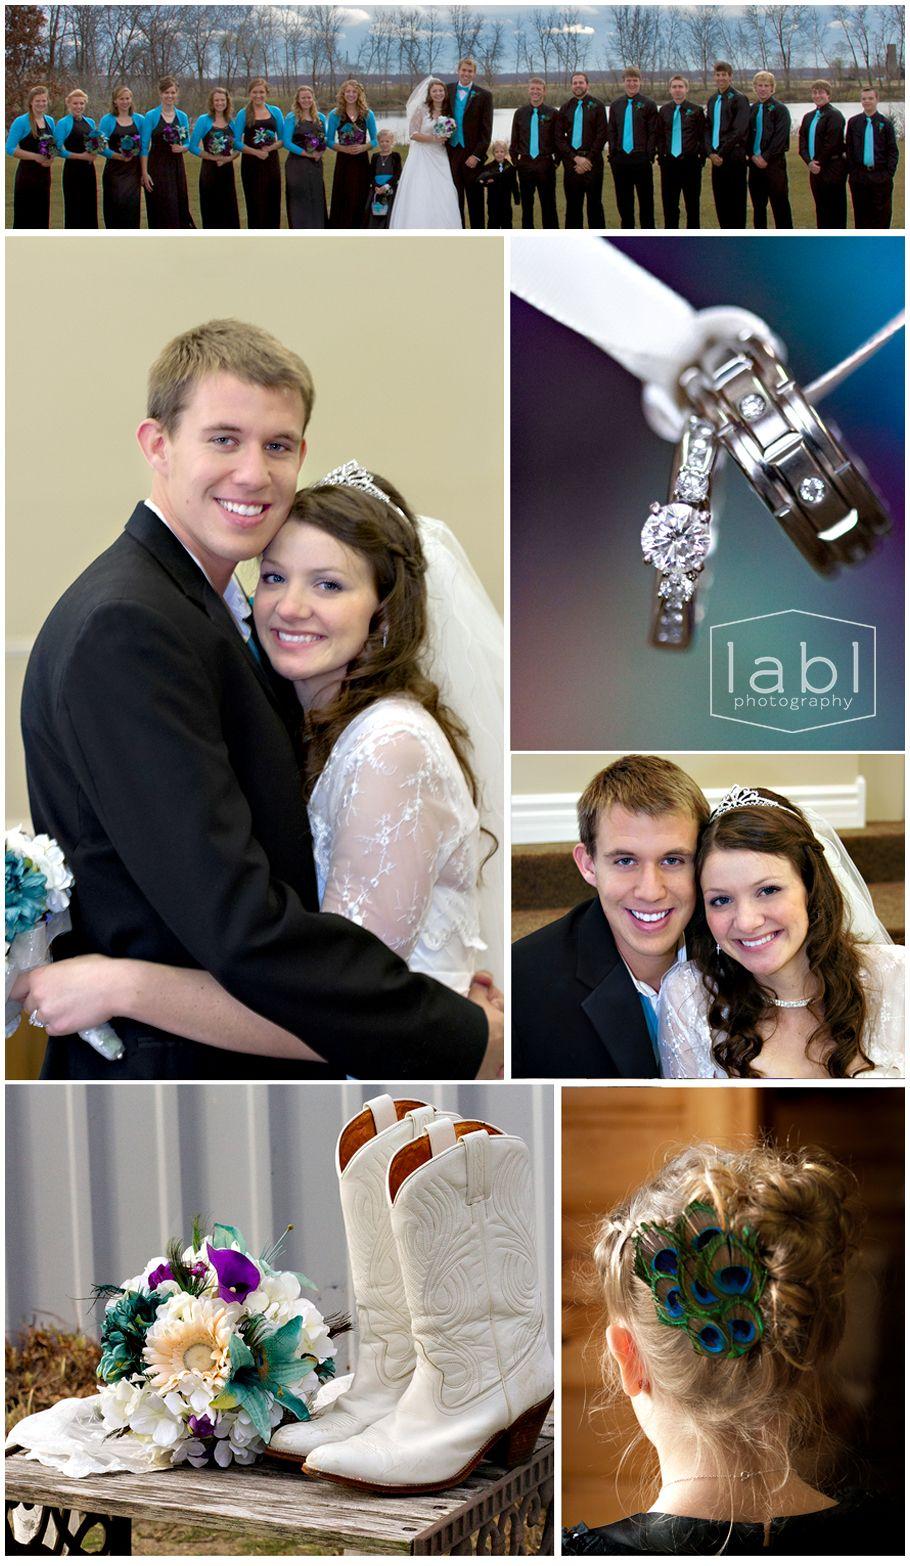 Lablphoto Com Facebook Peacock Wedding Wedding Photography Black